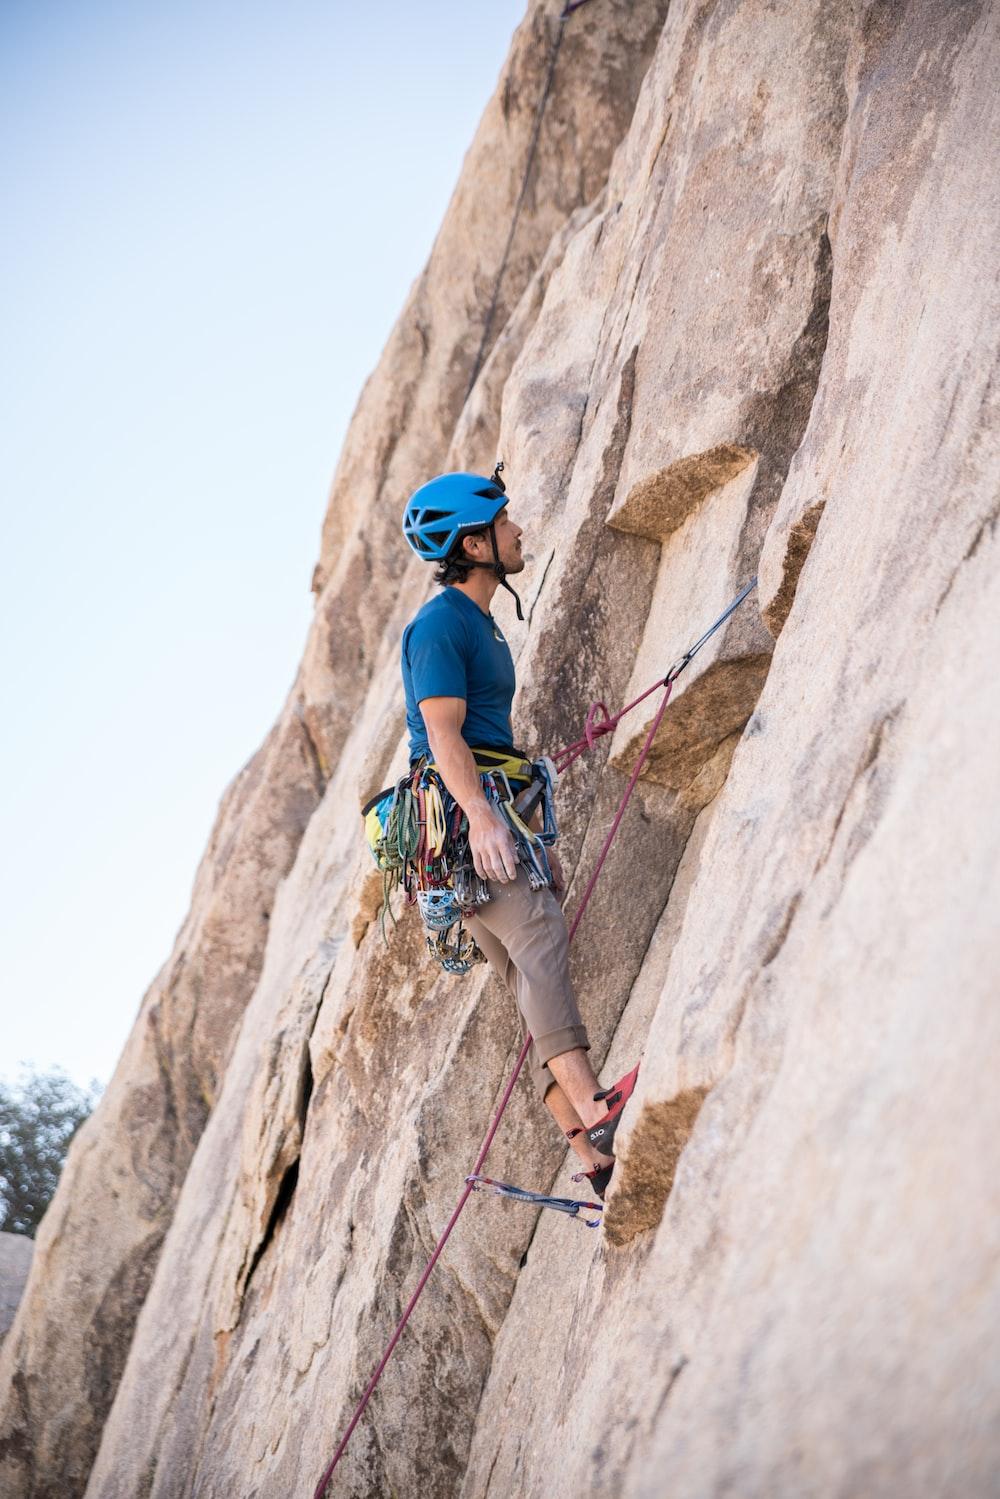 man doing rock climbing at daytime